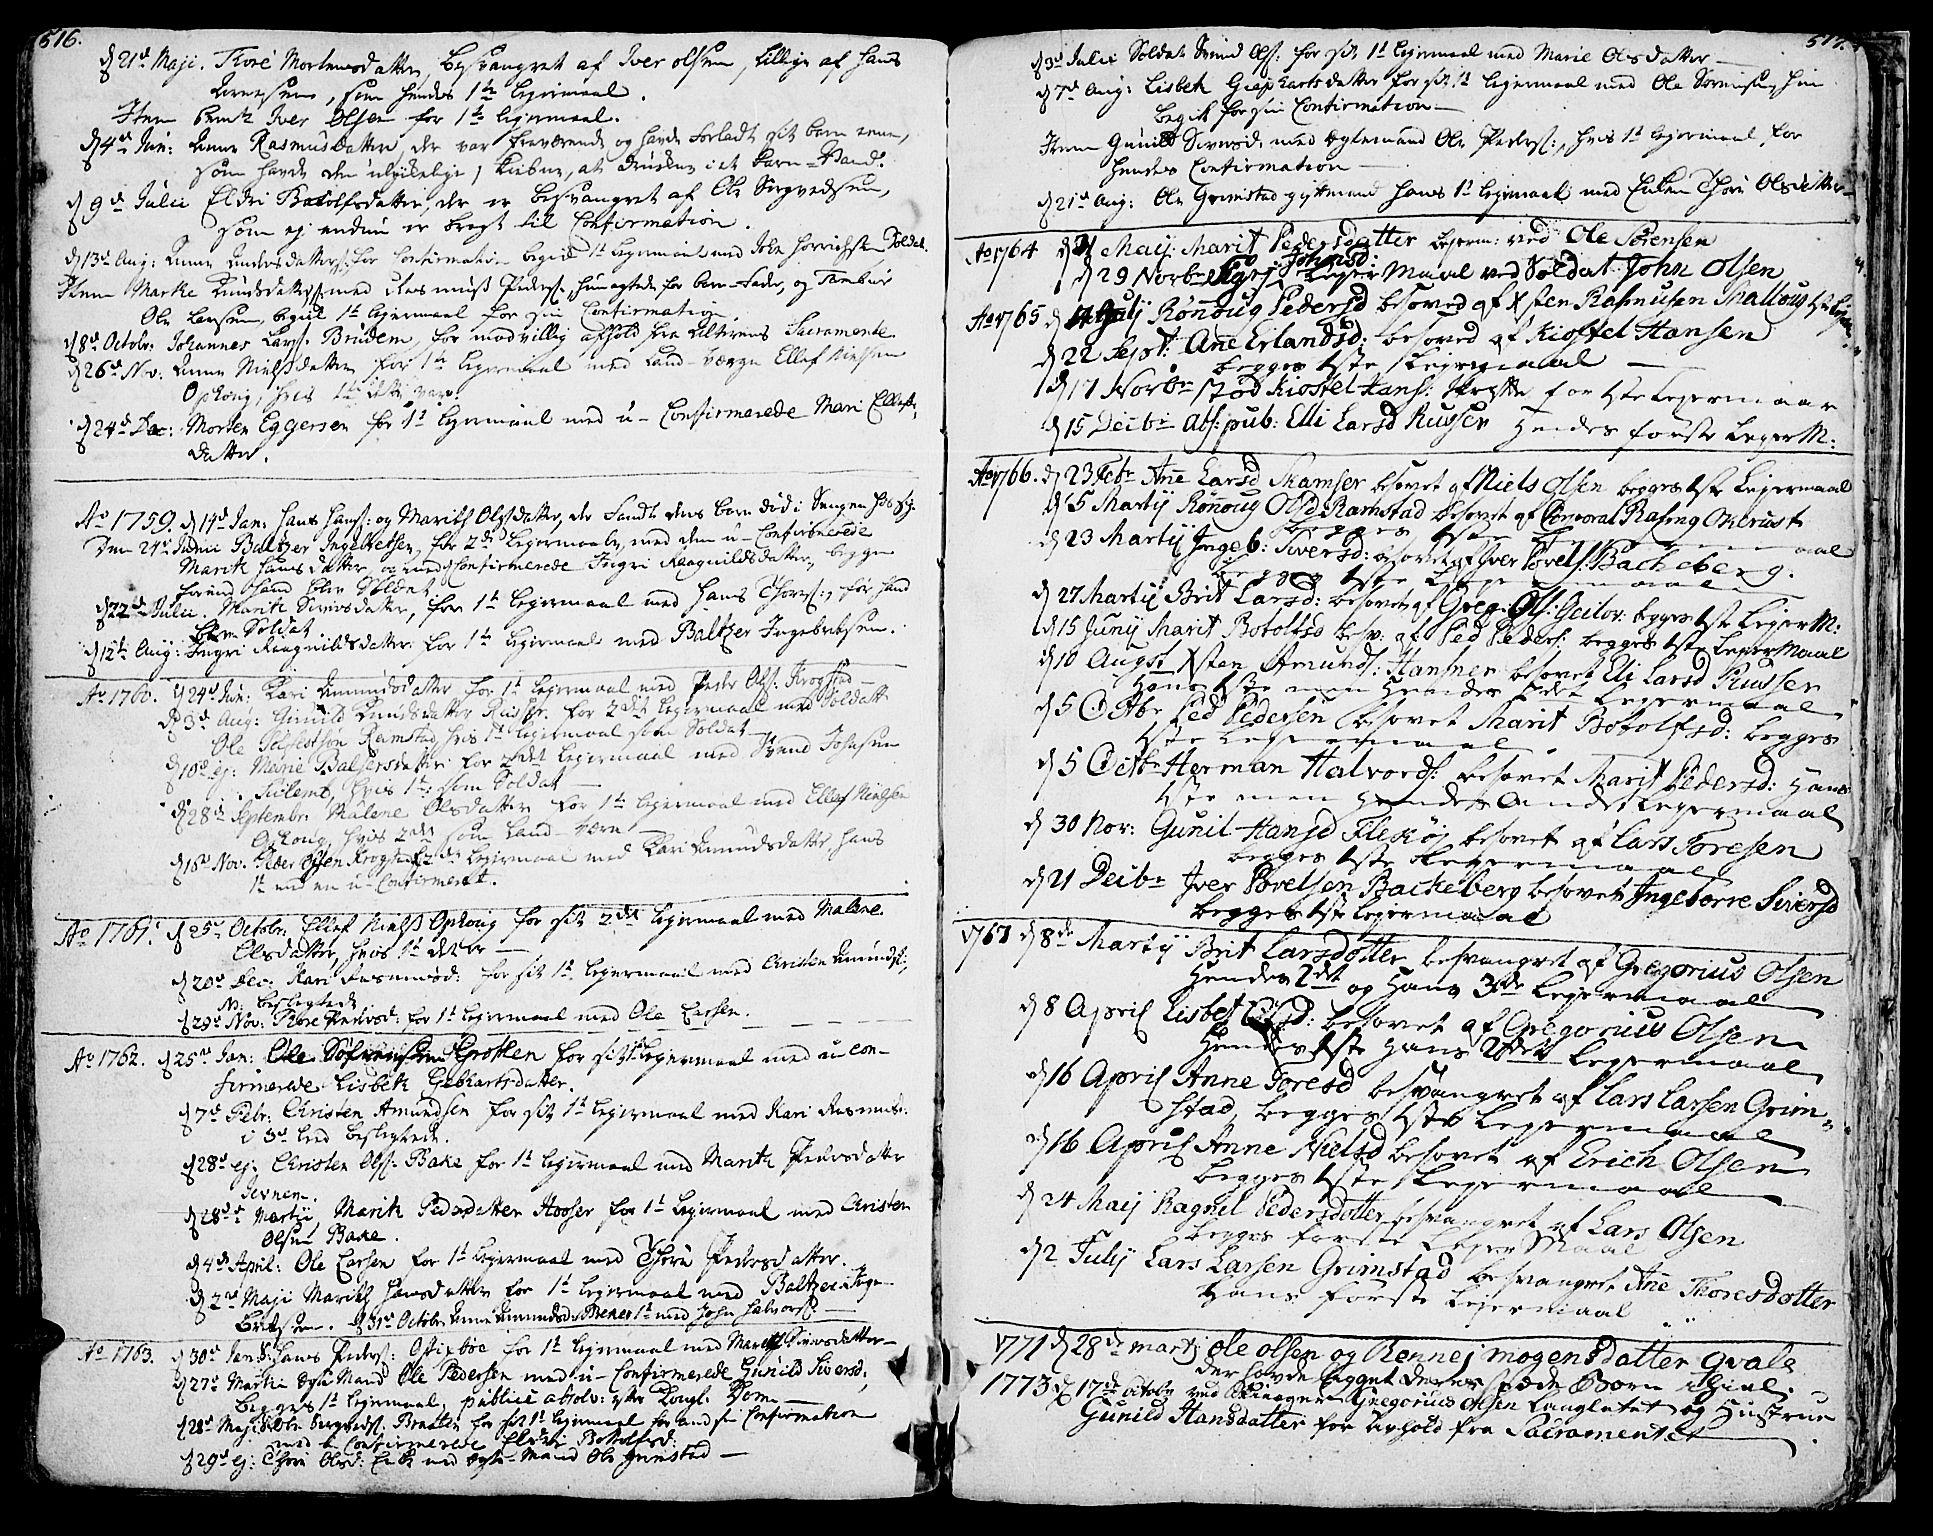 SAH, Lom prestekontor, K/L0002: Ministerialbok nr. 2, 1749-1801, s. 516-517